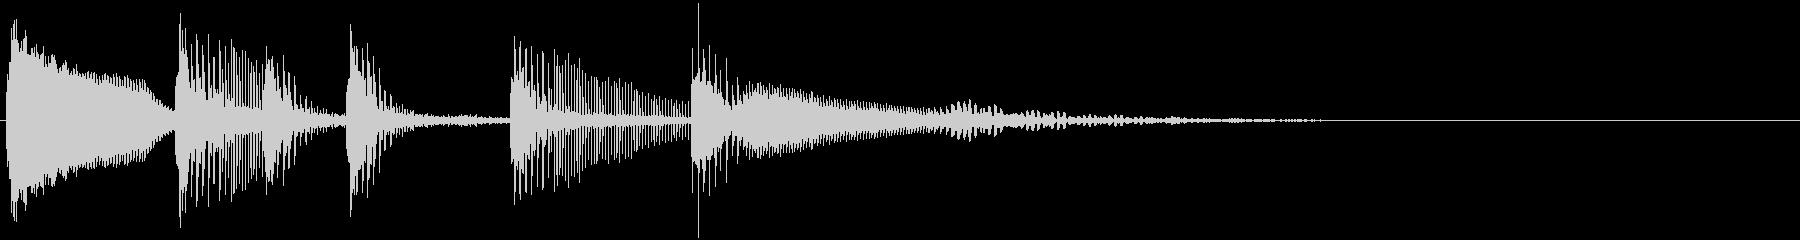 アニメ系失敗効果音4の未再生の波形